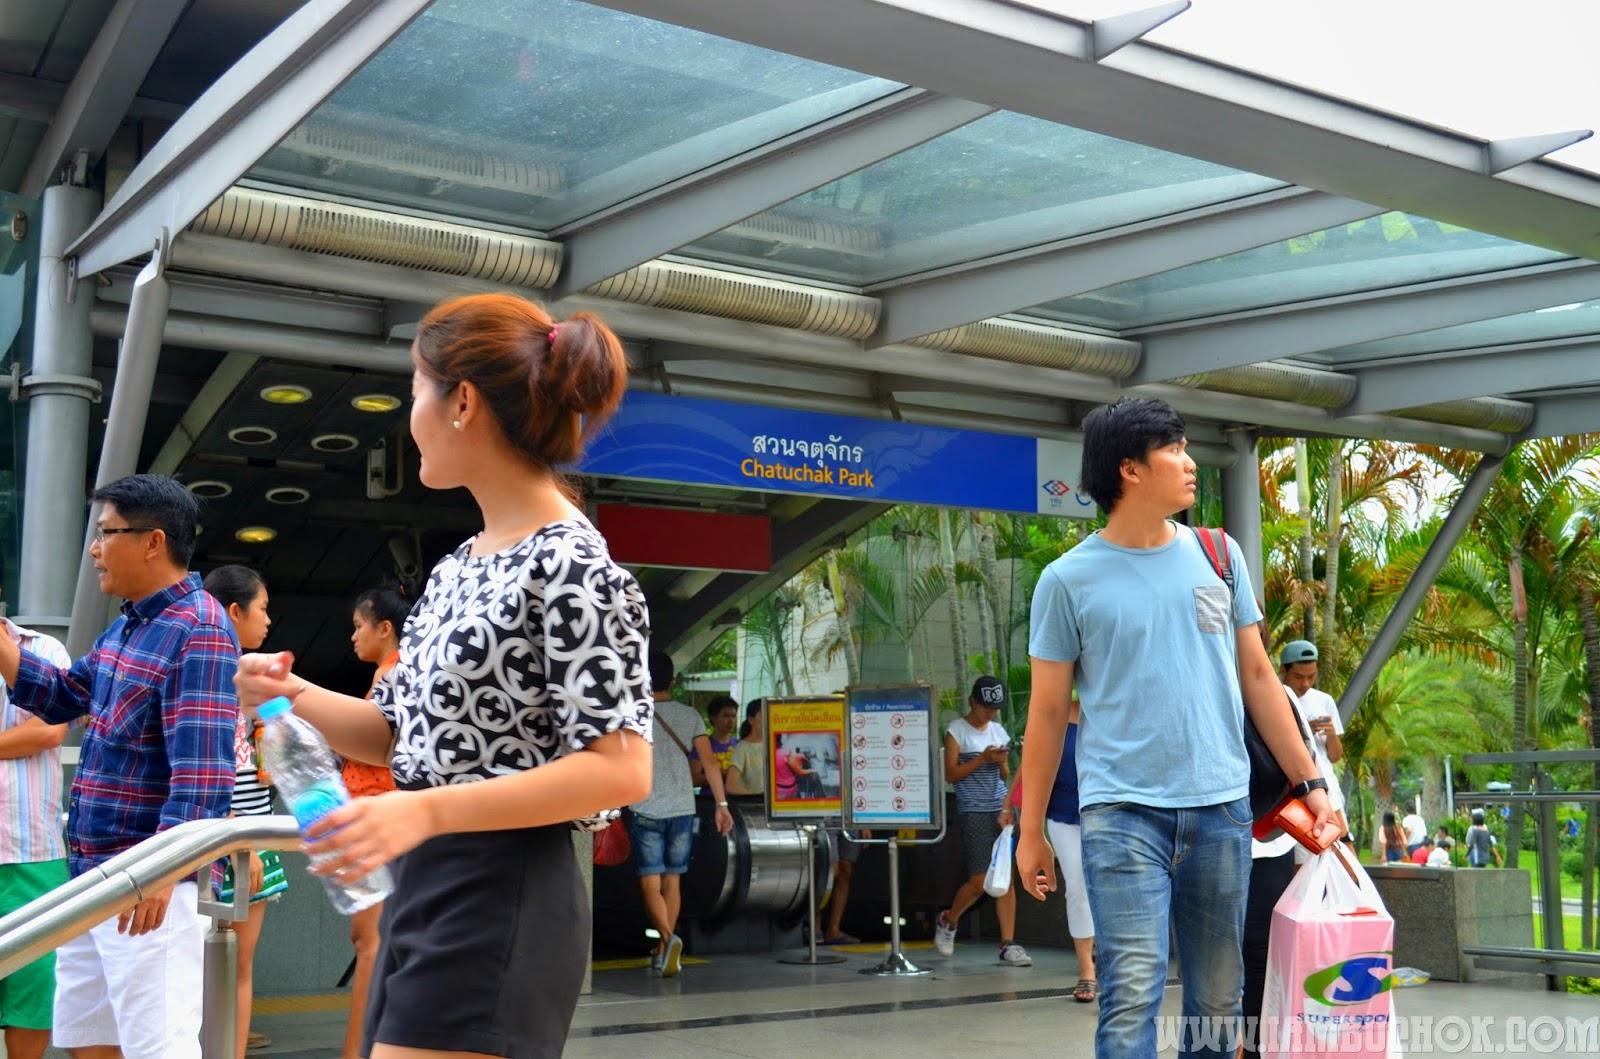 chatuchat park train station bangkok